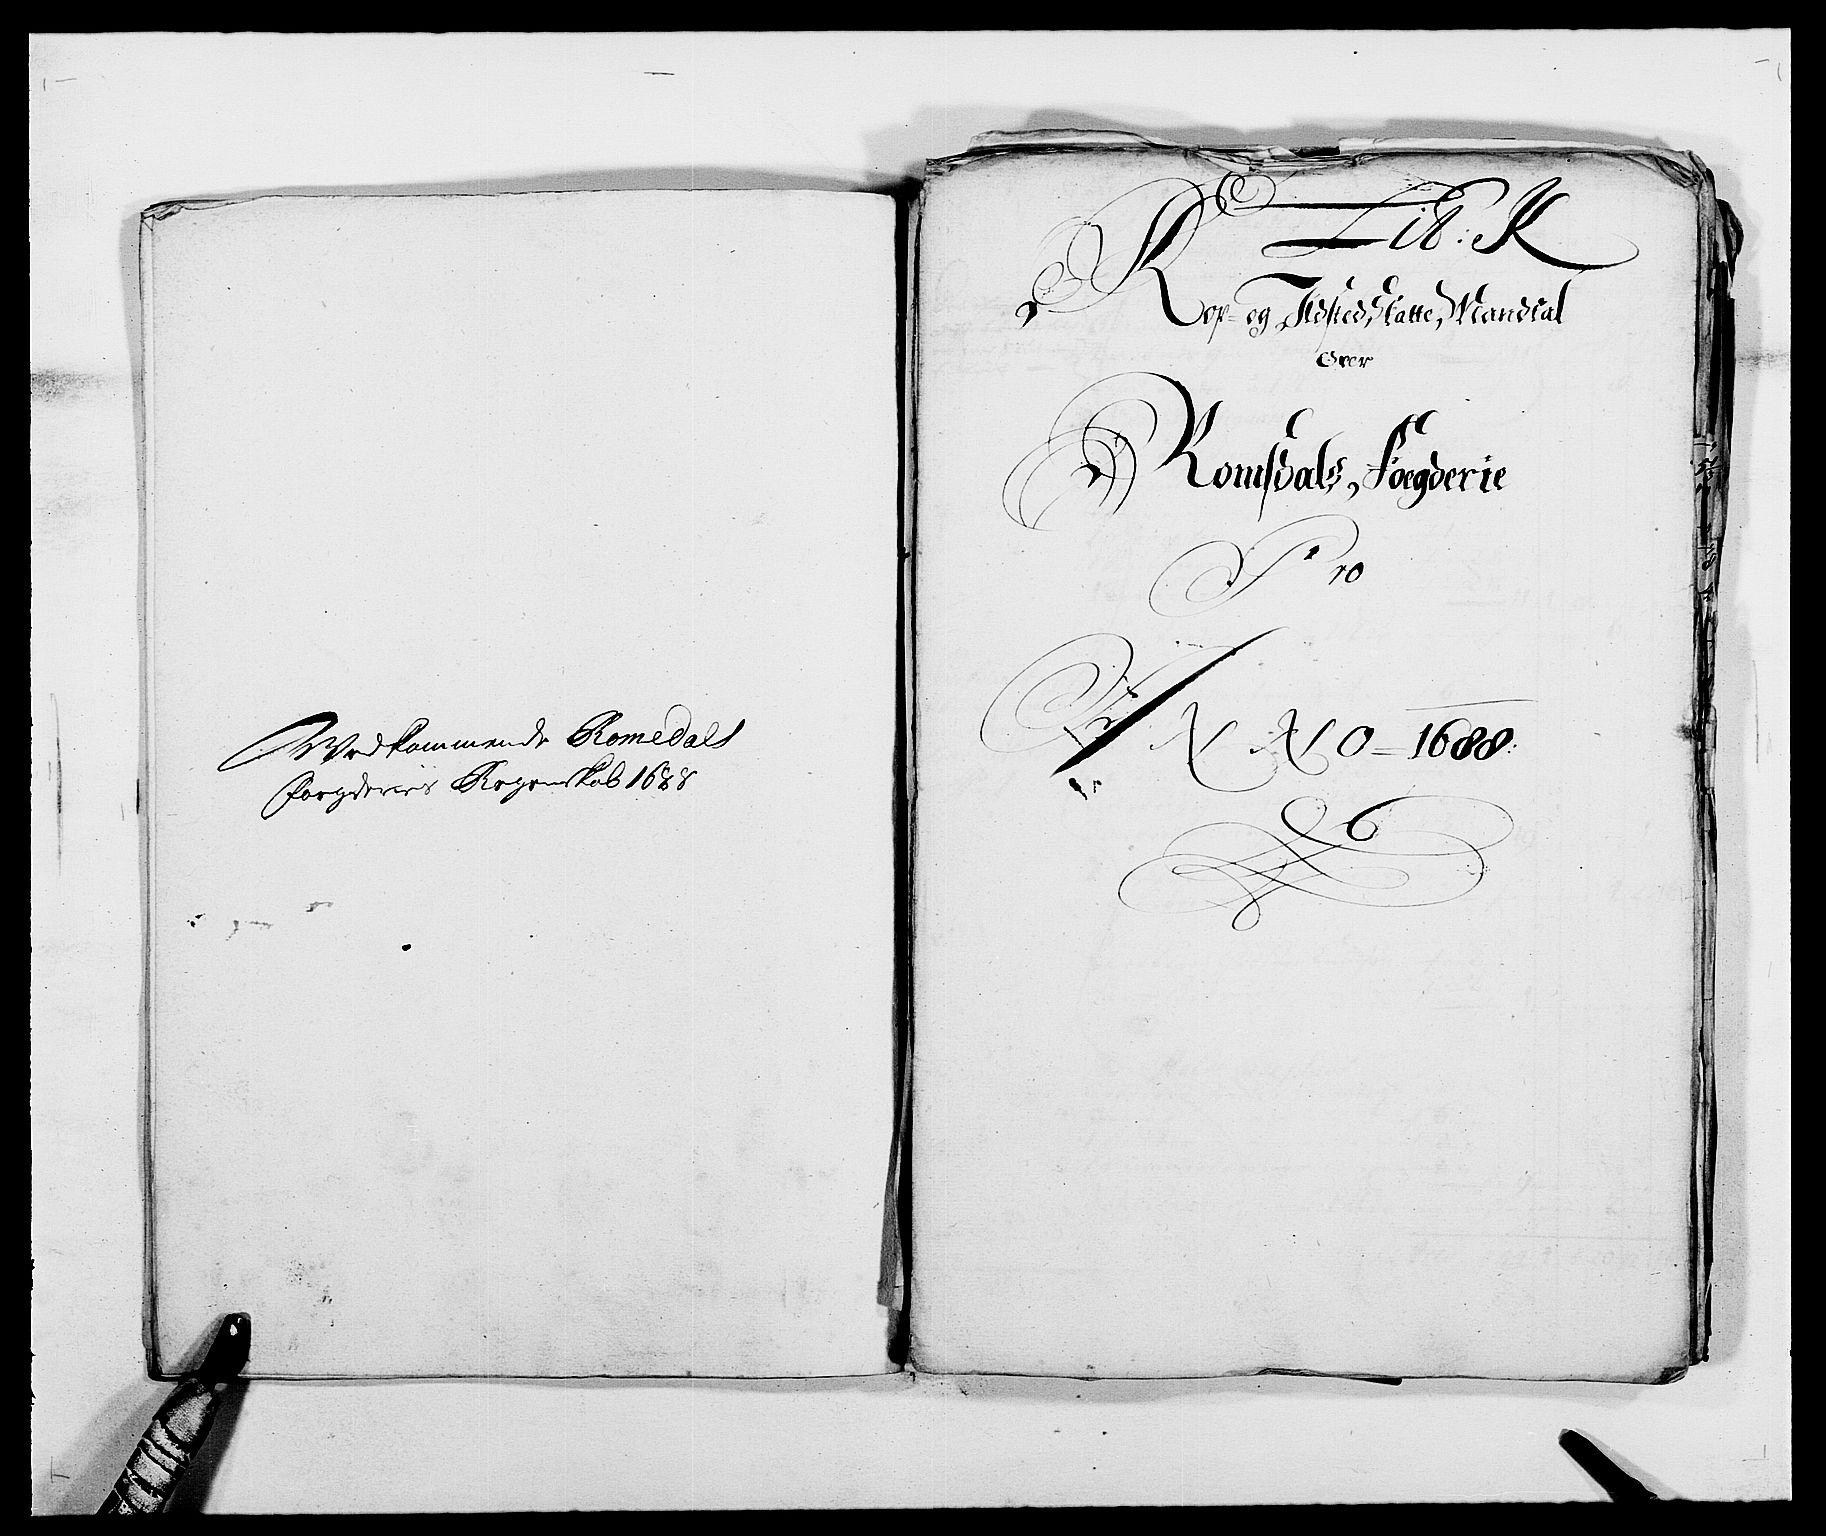 RA, Rentekammeret inntil 1814, Reviderte regnskaper, Fogderegnskap, R55/L3648: Fogderegnskap Romsdal, 1687-1689, s. 252